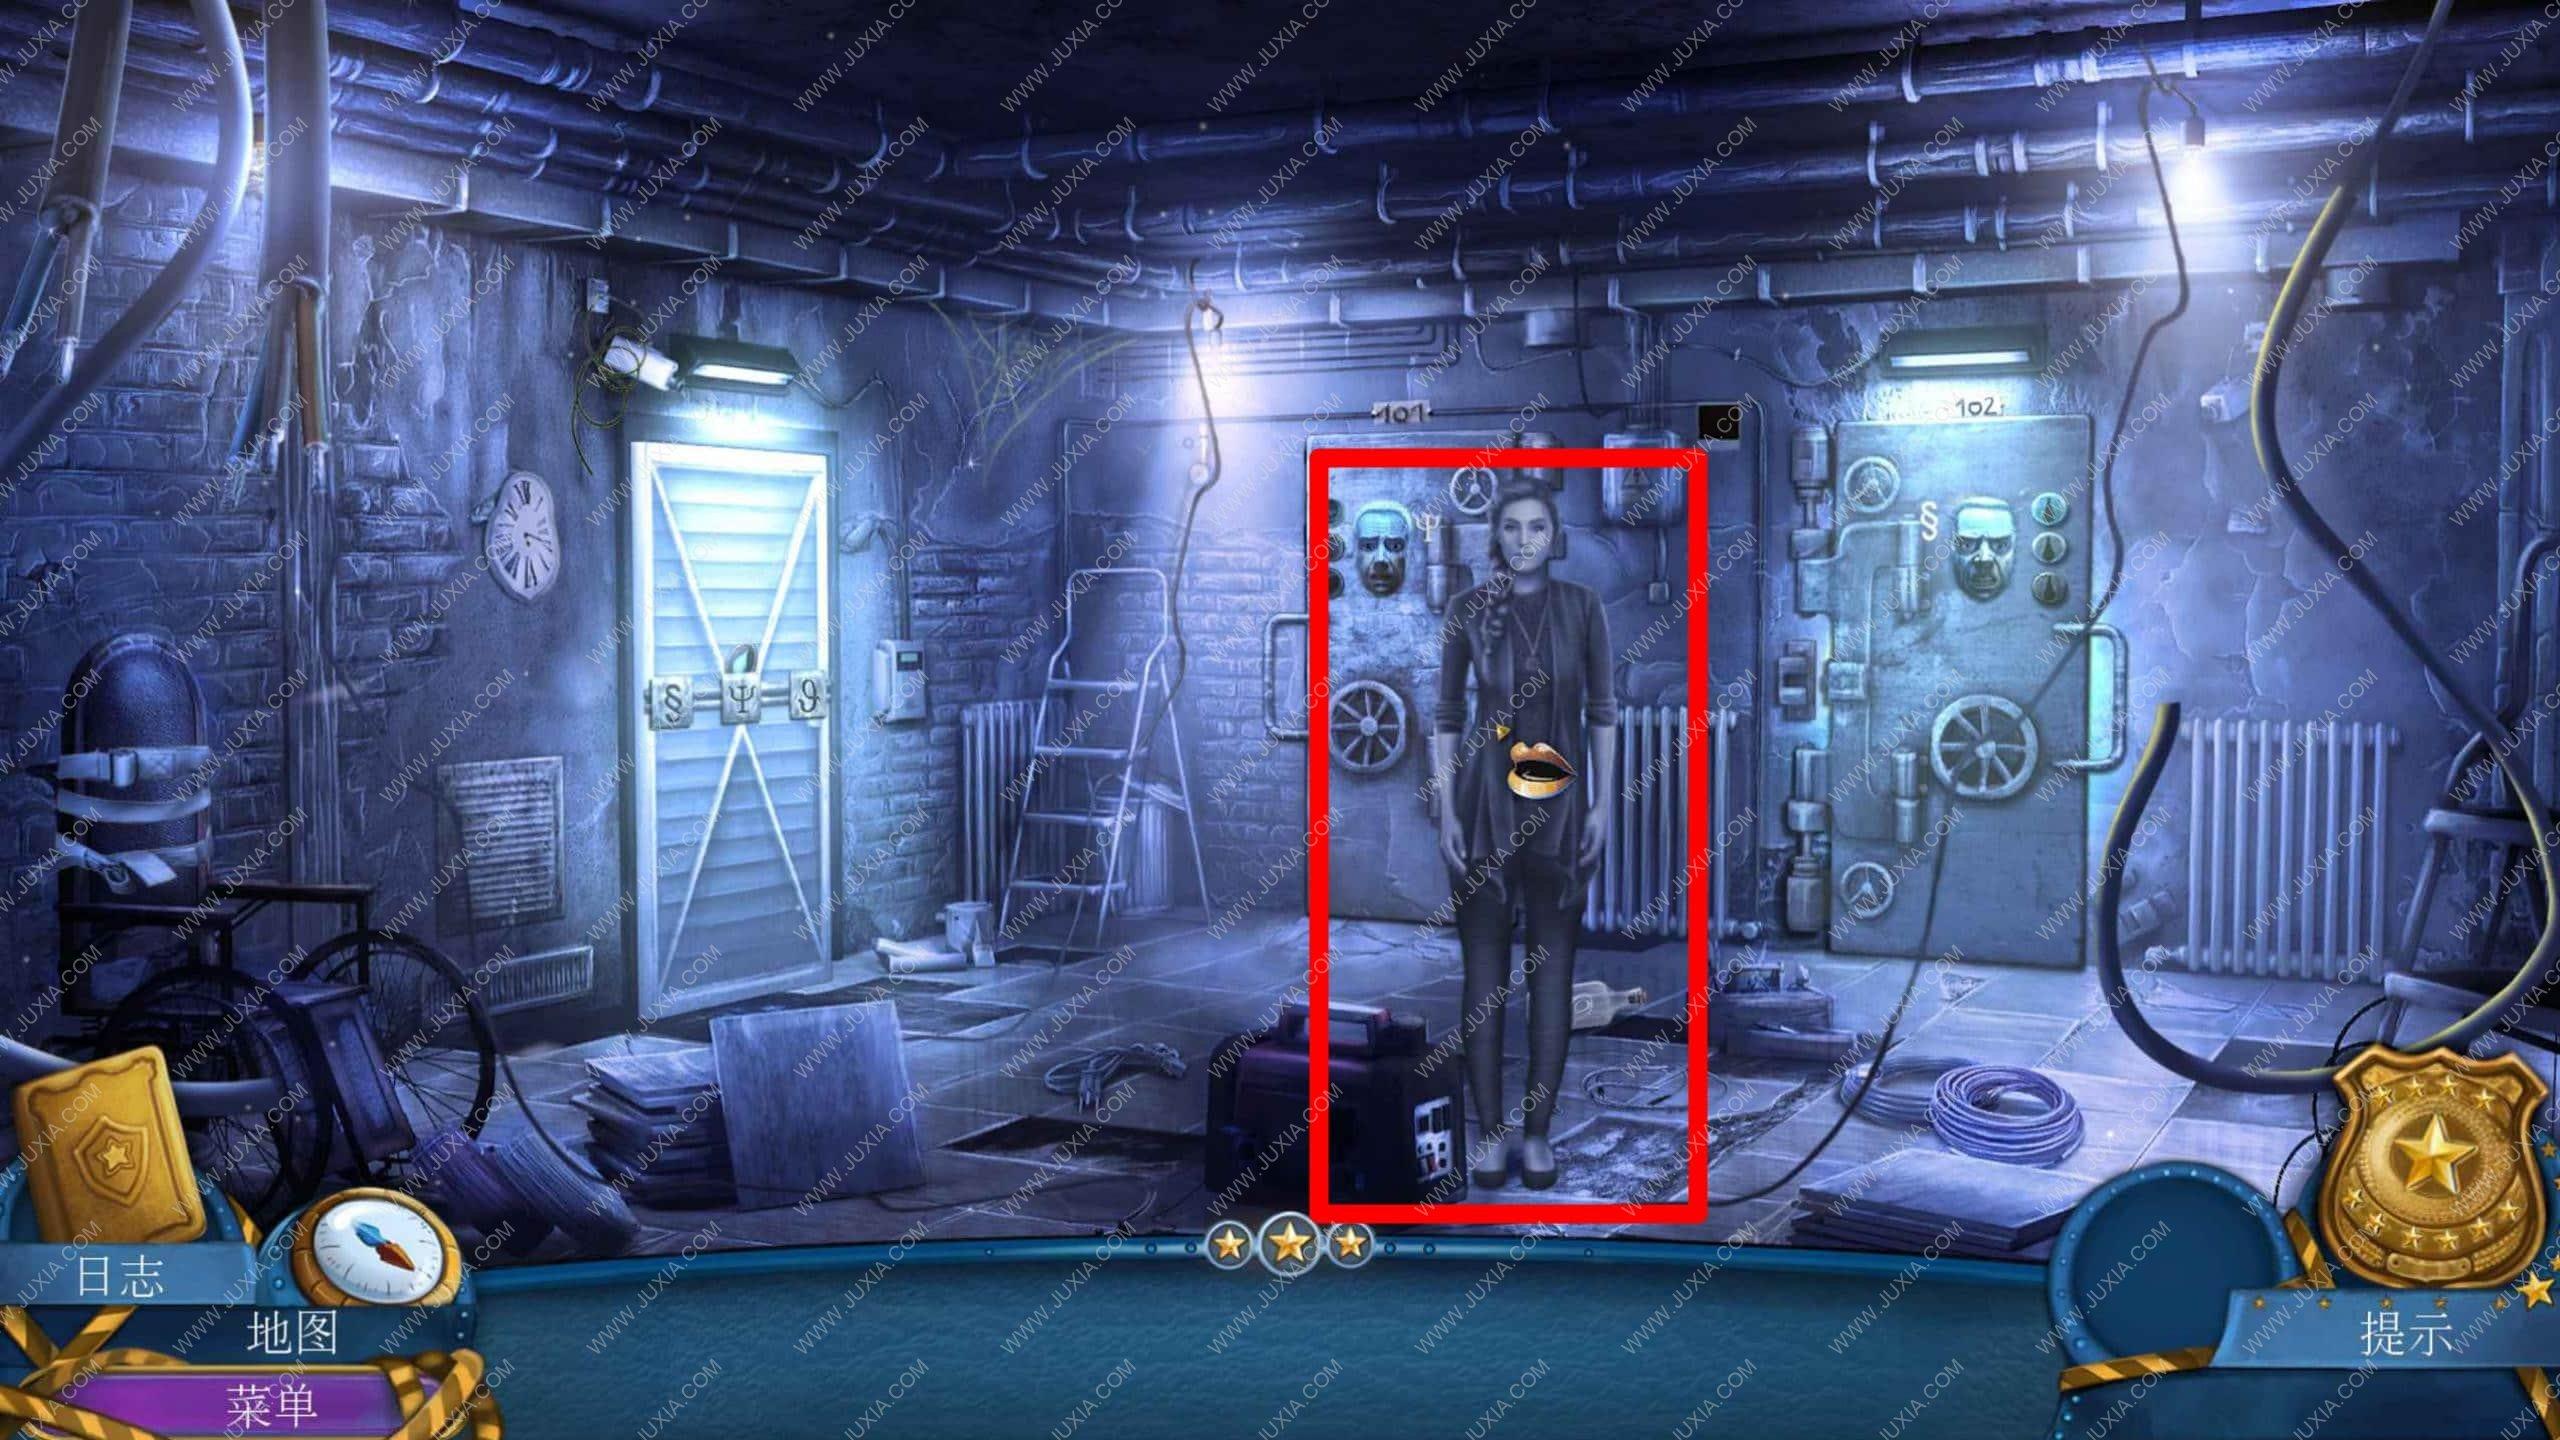 密室逃脱滚动迷城攻略第六章 幽灵档案罪恶的面孔攻略